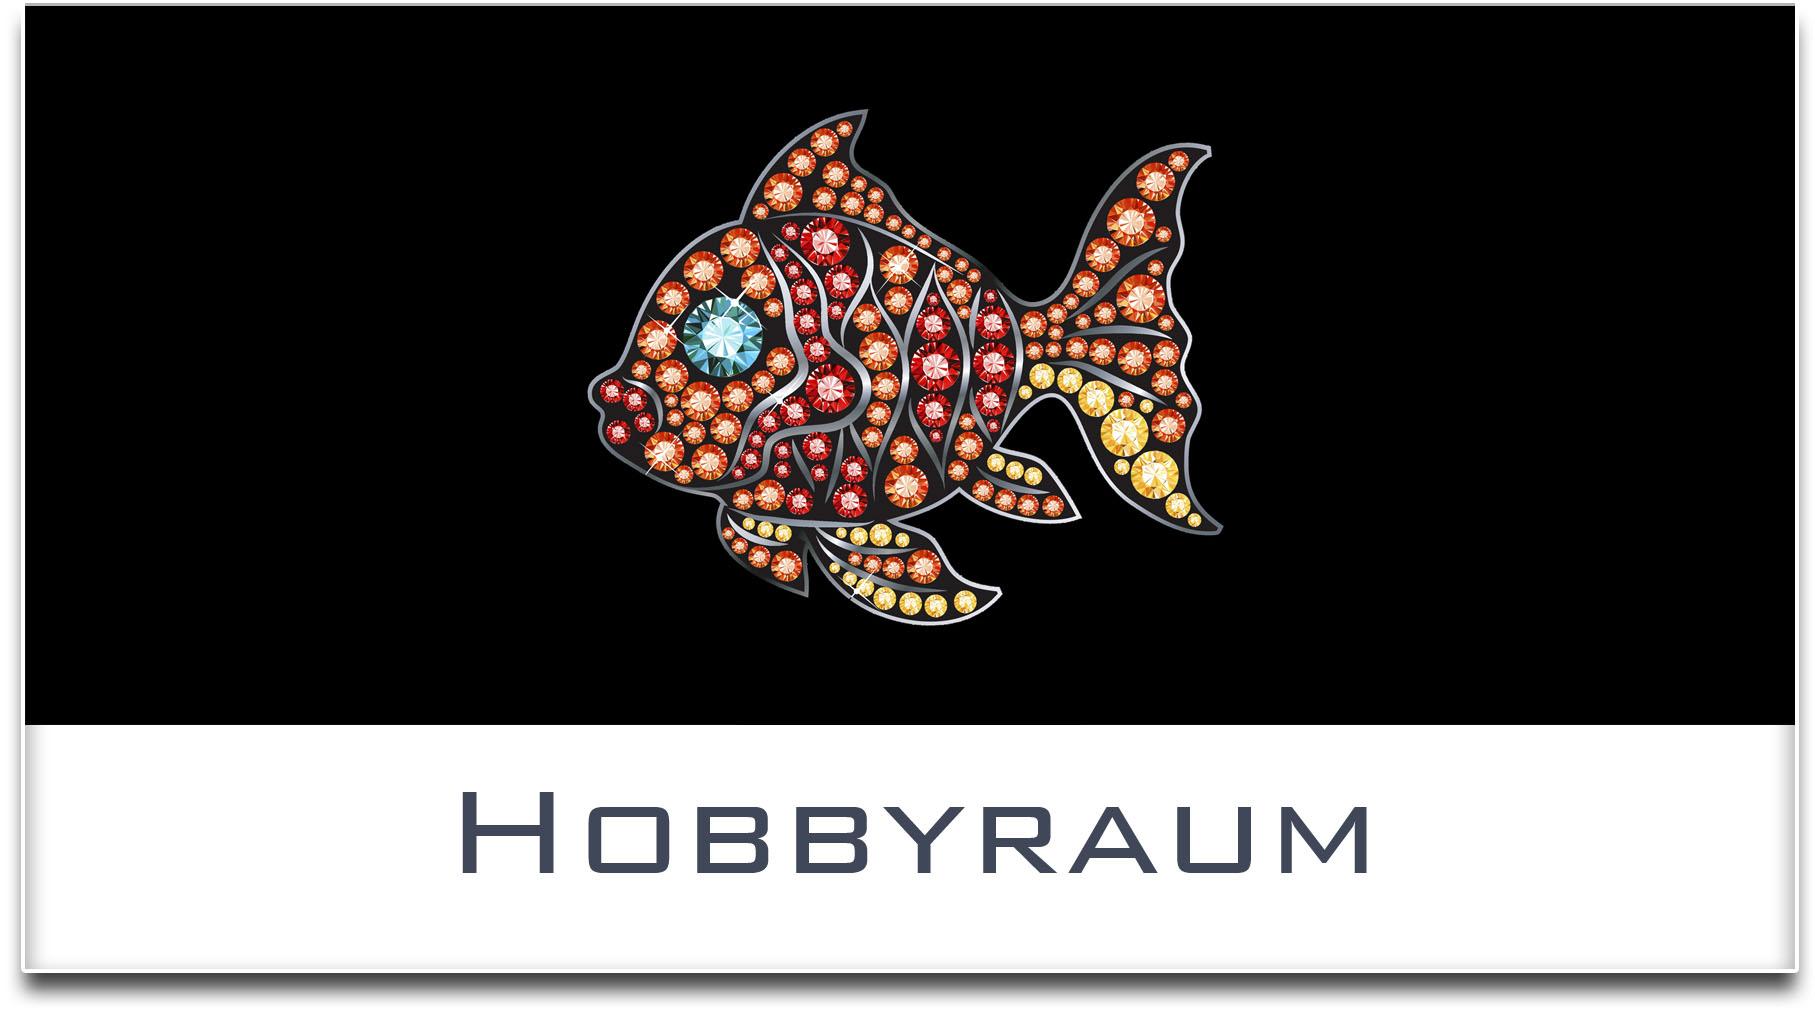 Türschild / Haustürschild / Fisch / Hobbyraum / Selbstklebend